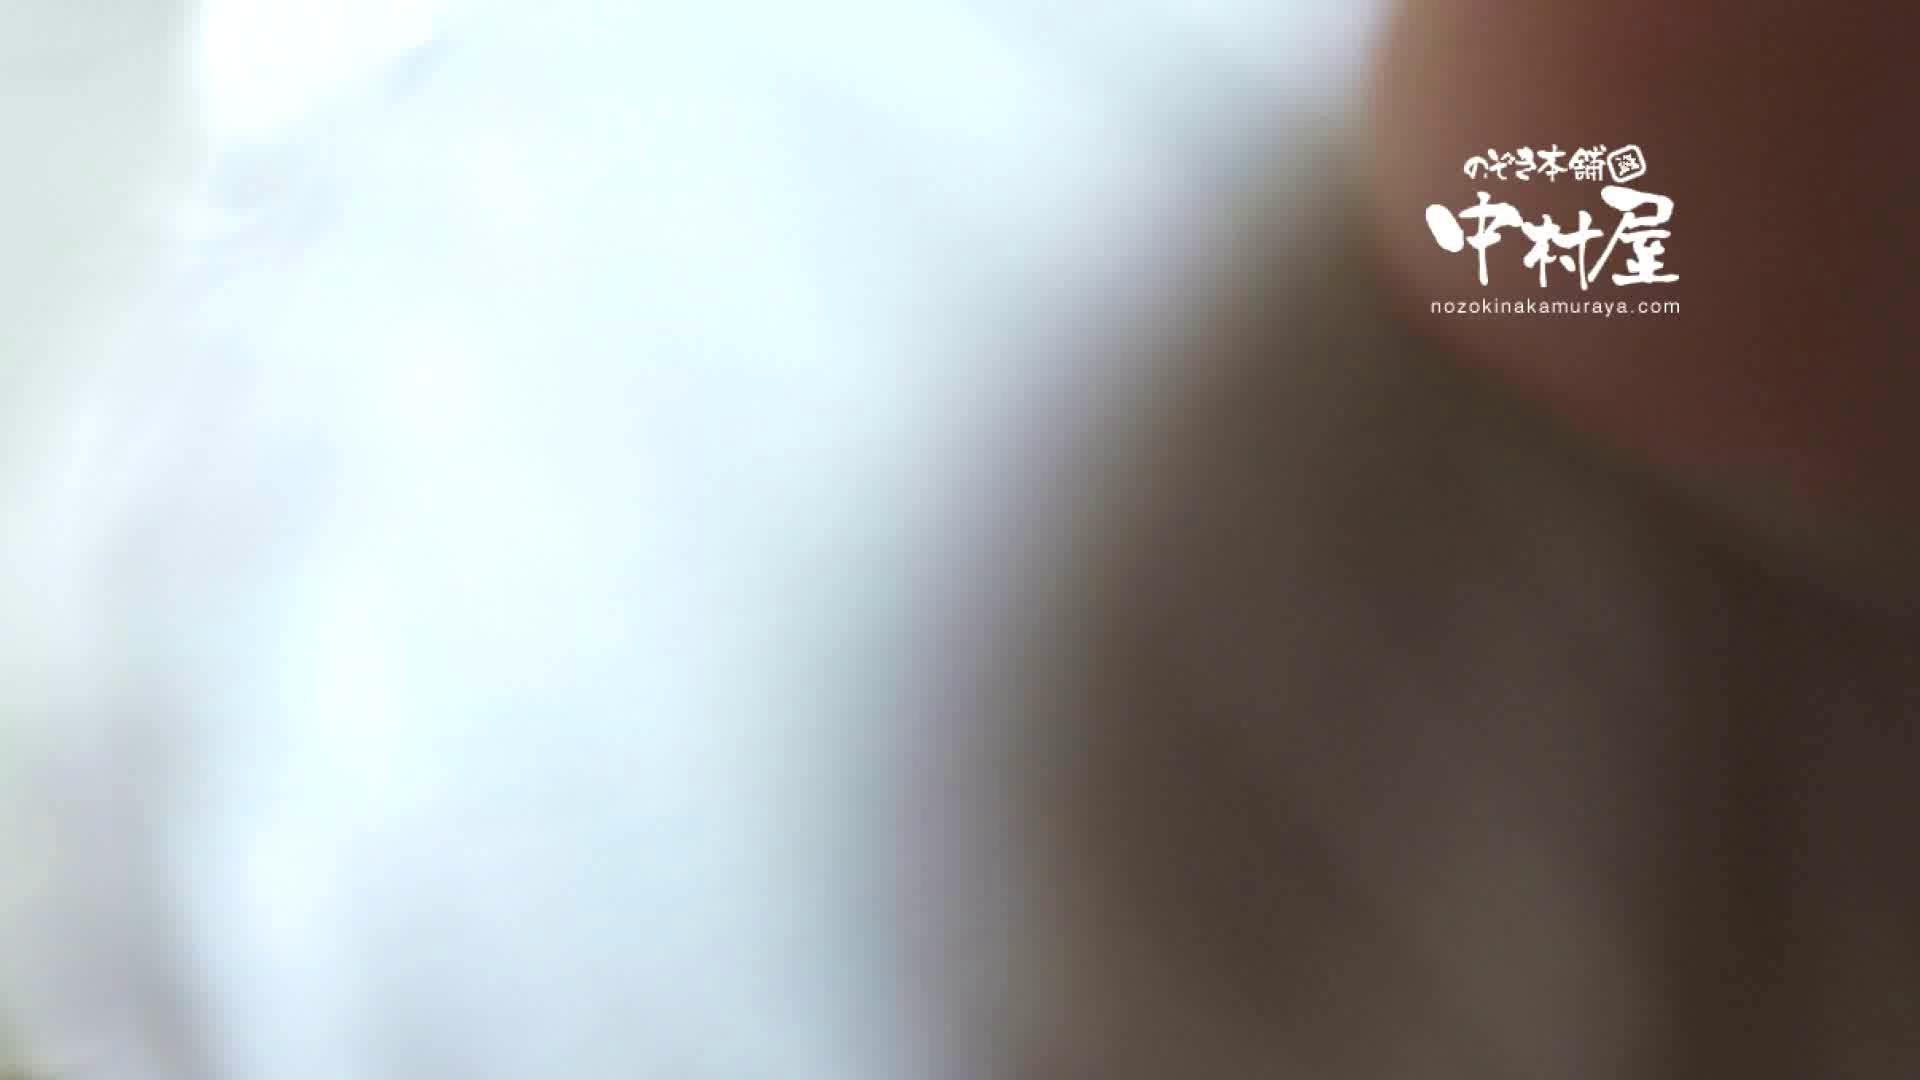 鬼畜 vol.18 居酒屋バイト時代の同僚に中出ししてみる 前編 HなOL   中出し  84pic 3